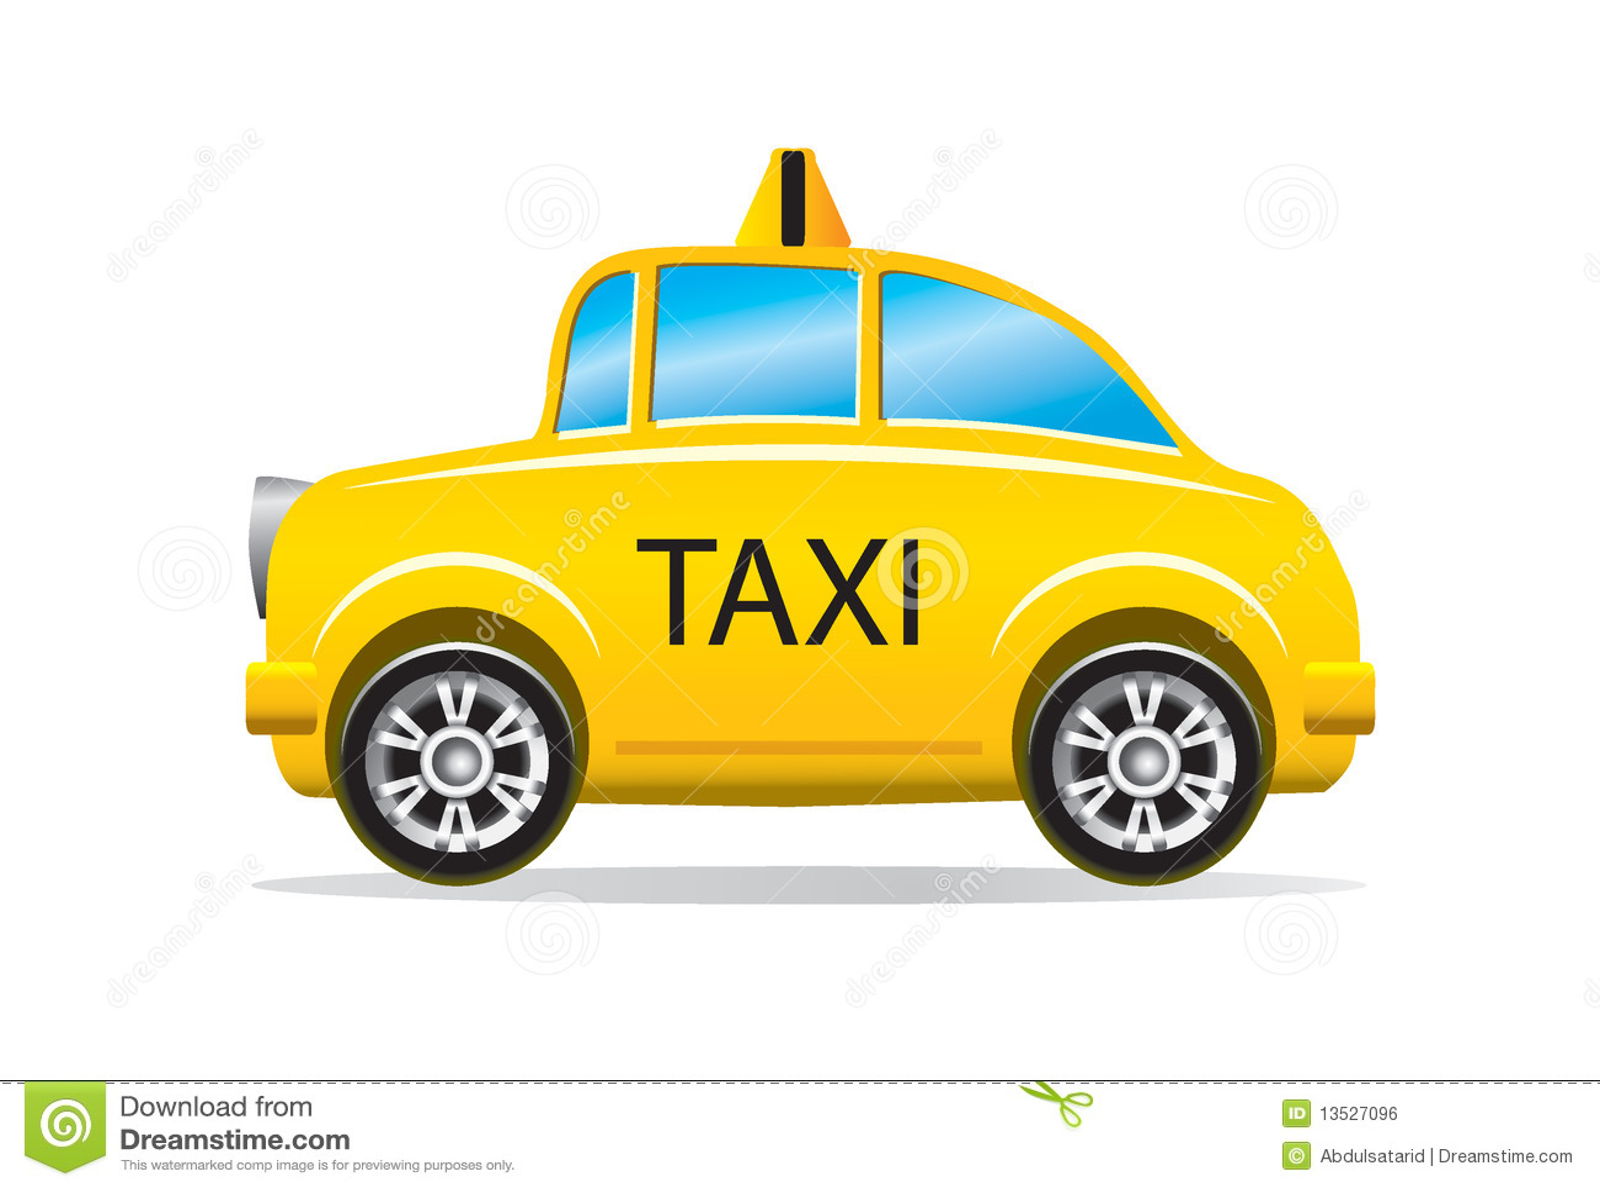 Old Car Uberx